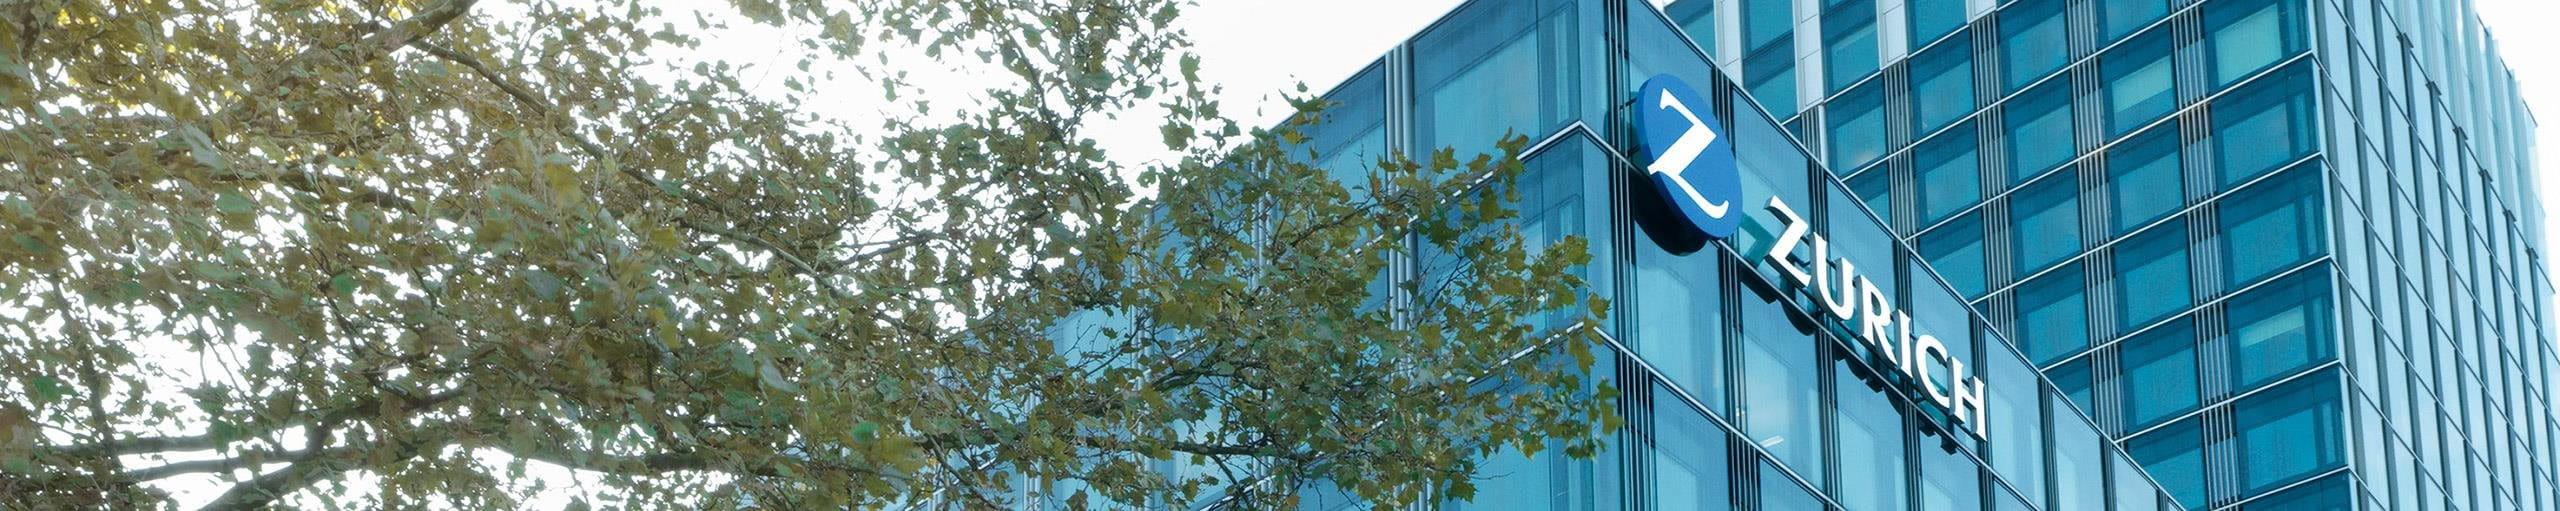 Impressum Zurich Versicherung Vinpearl Baidai Info